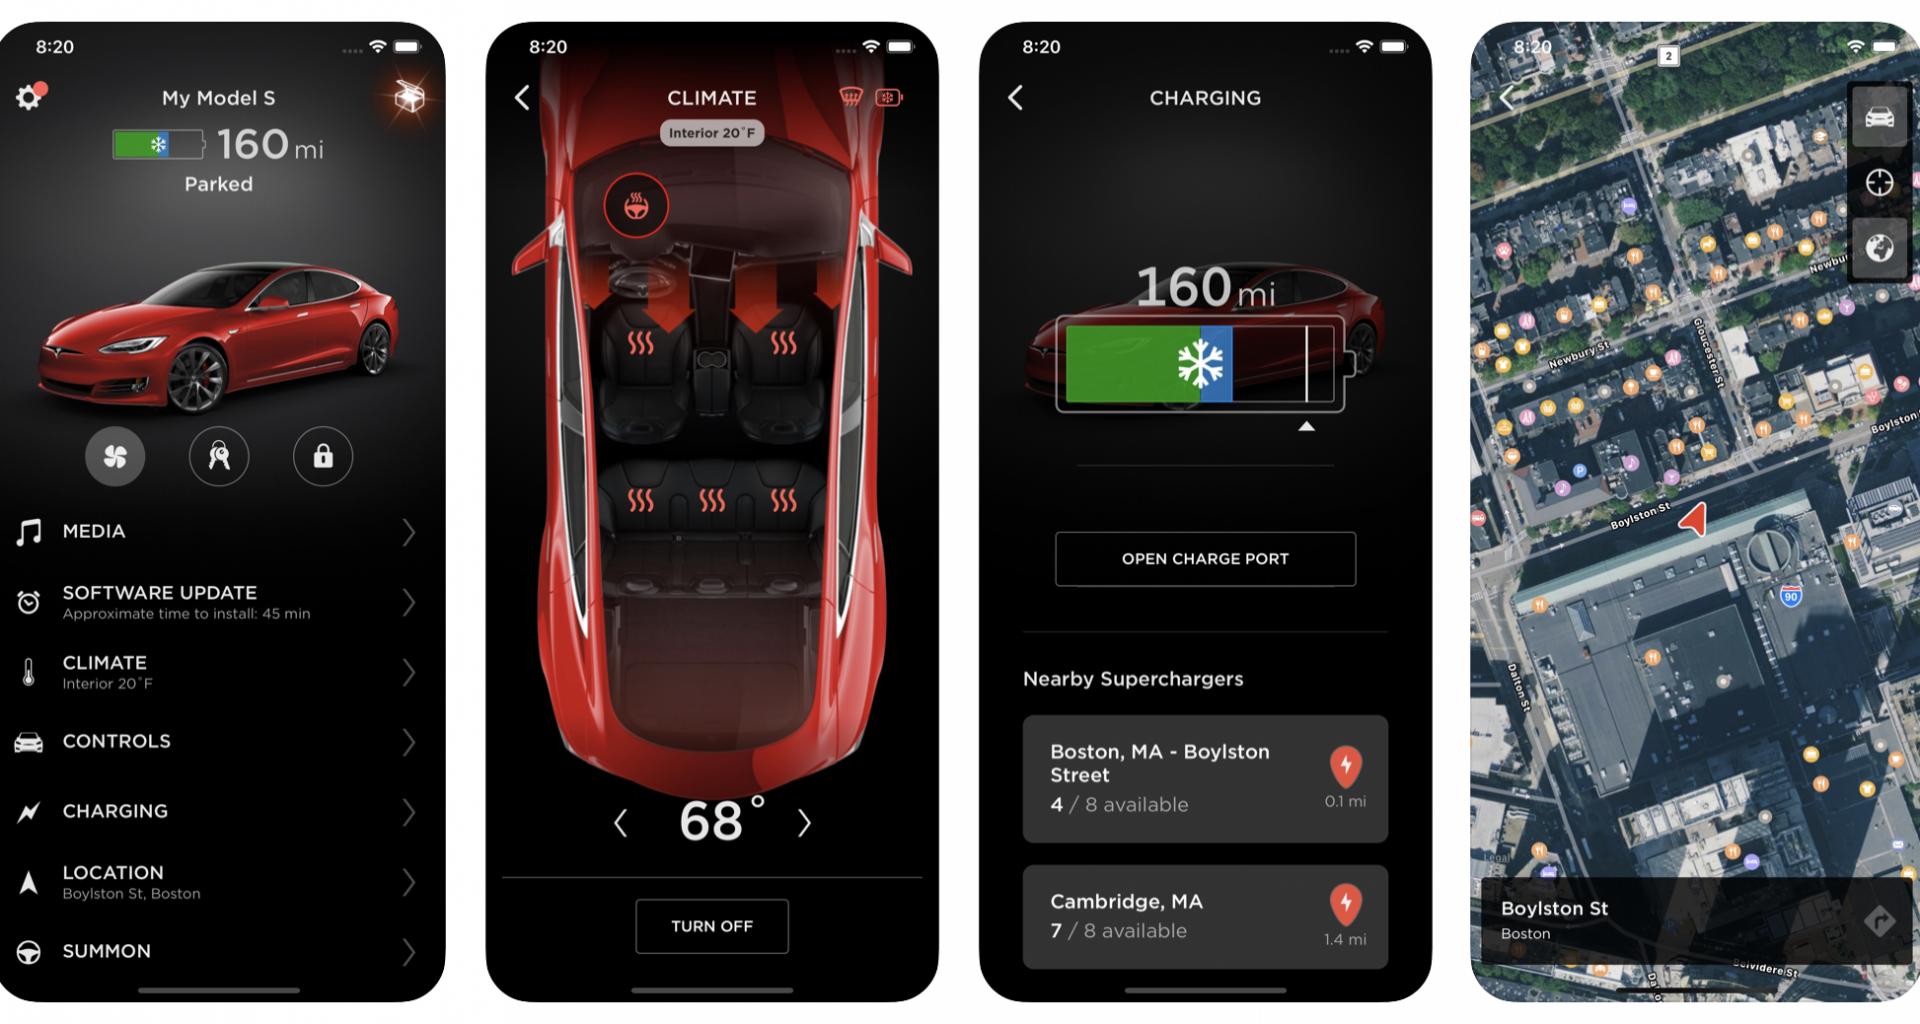 Apple Bans 3rd Party Tesla Apps Evword